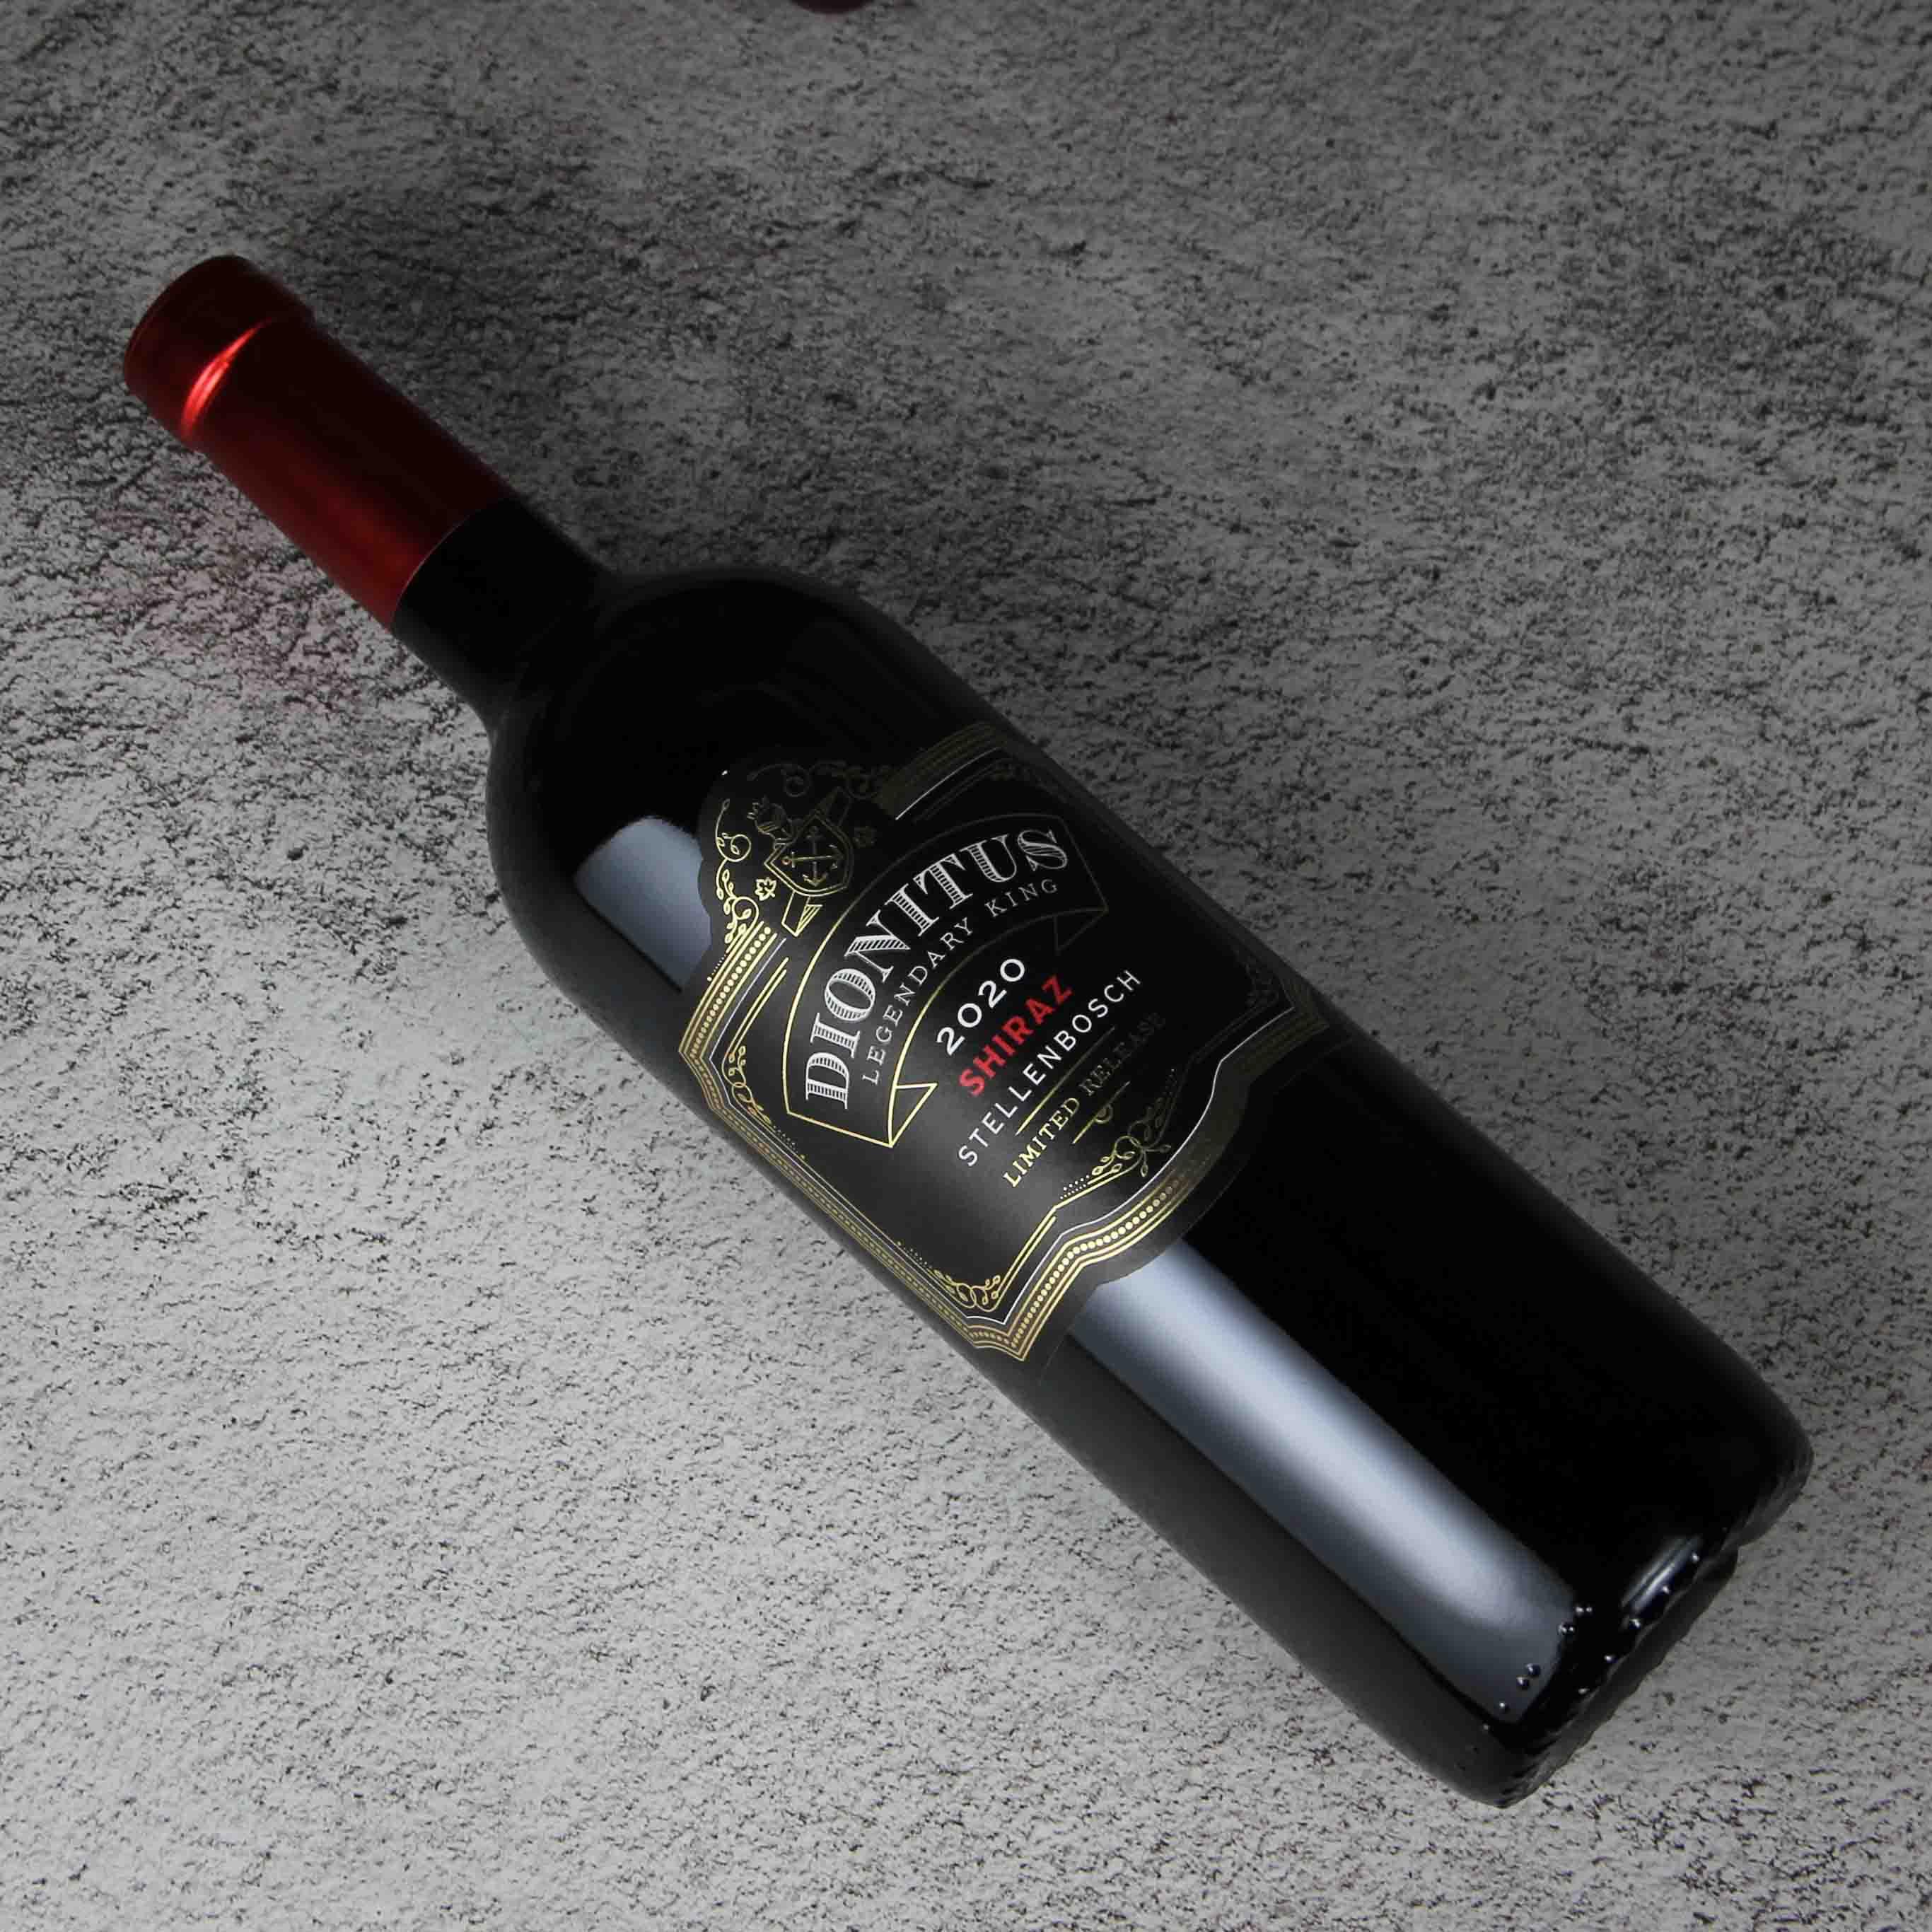 南非弗里兰斯FRIESLAND酒庄-迪奥尼特红葡萄酒